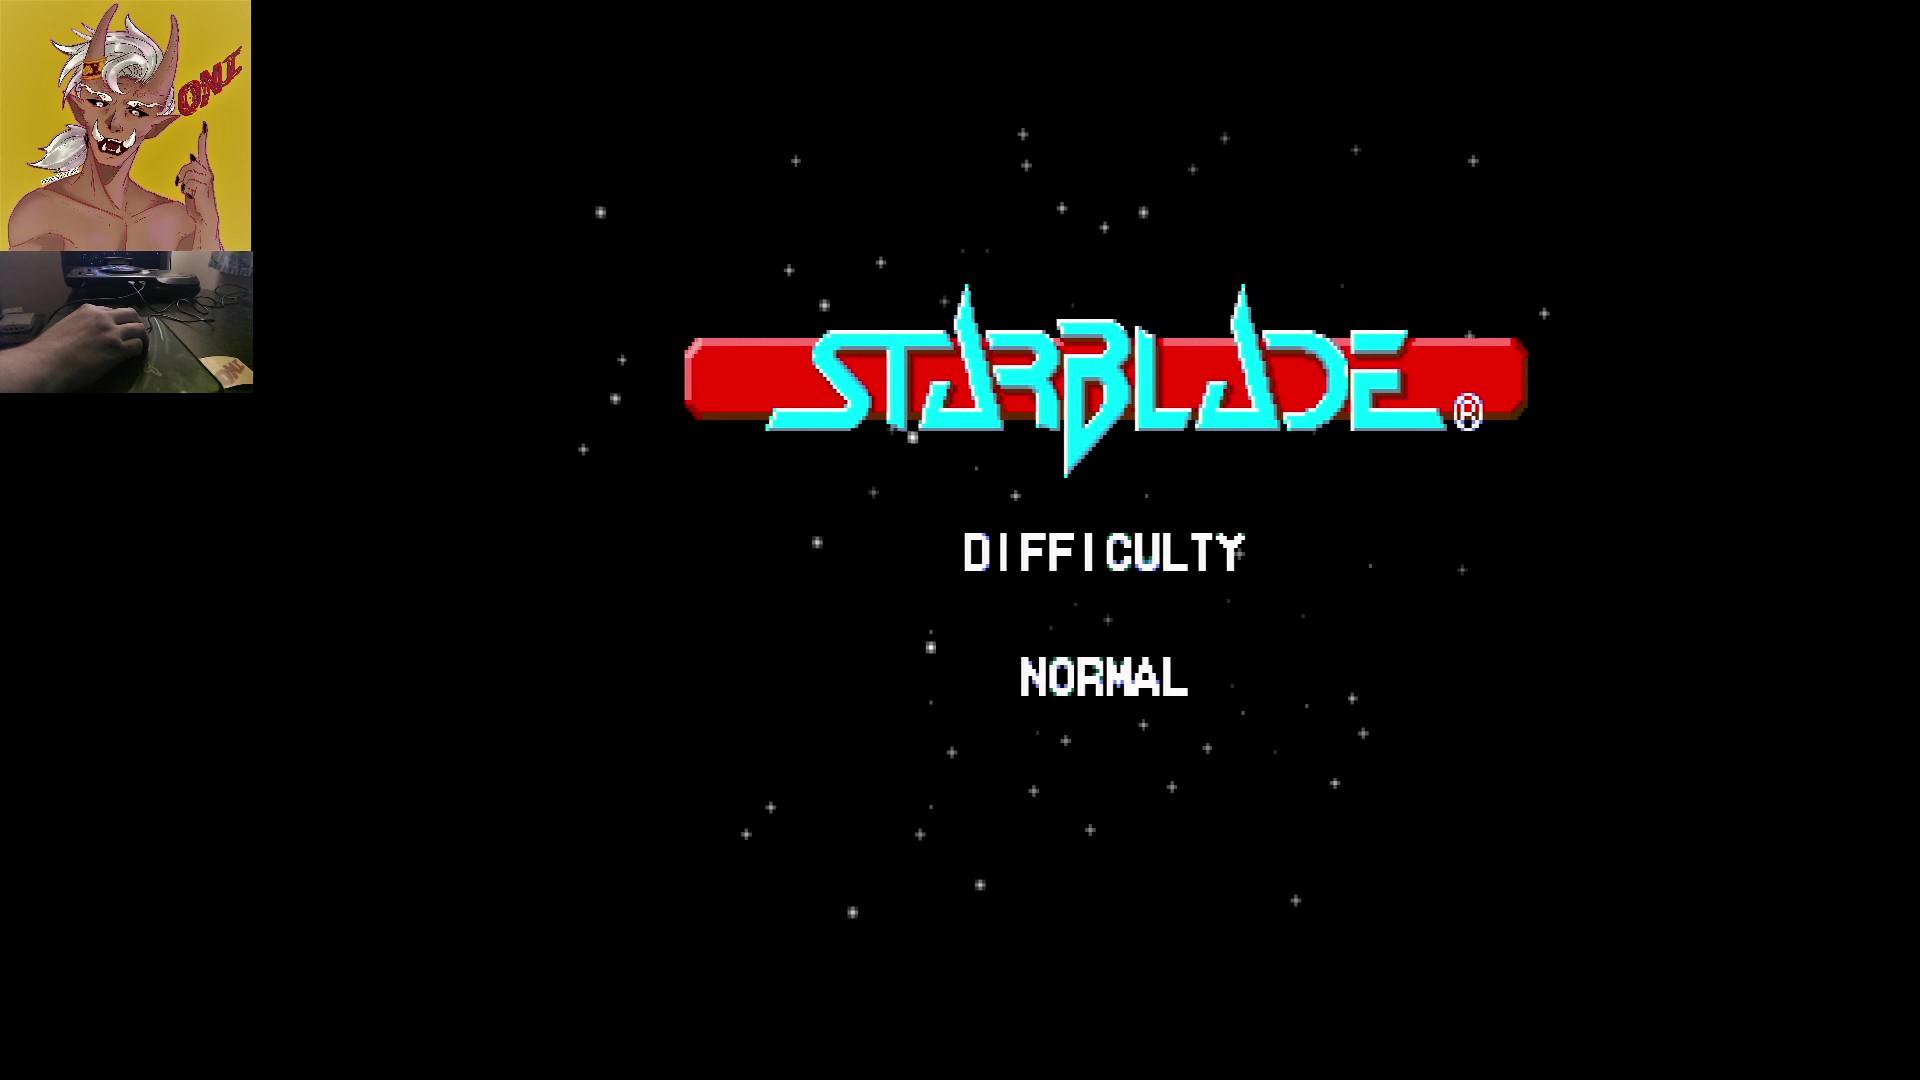 OniDensetsu: Starblade [Normal] [Sega CD] (Sega Genesis / MegaDrive) 315,500 points on 2021-01-05 20:03:32